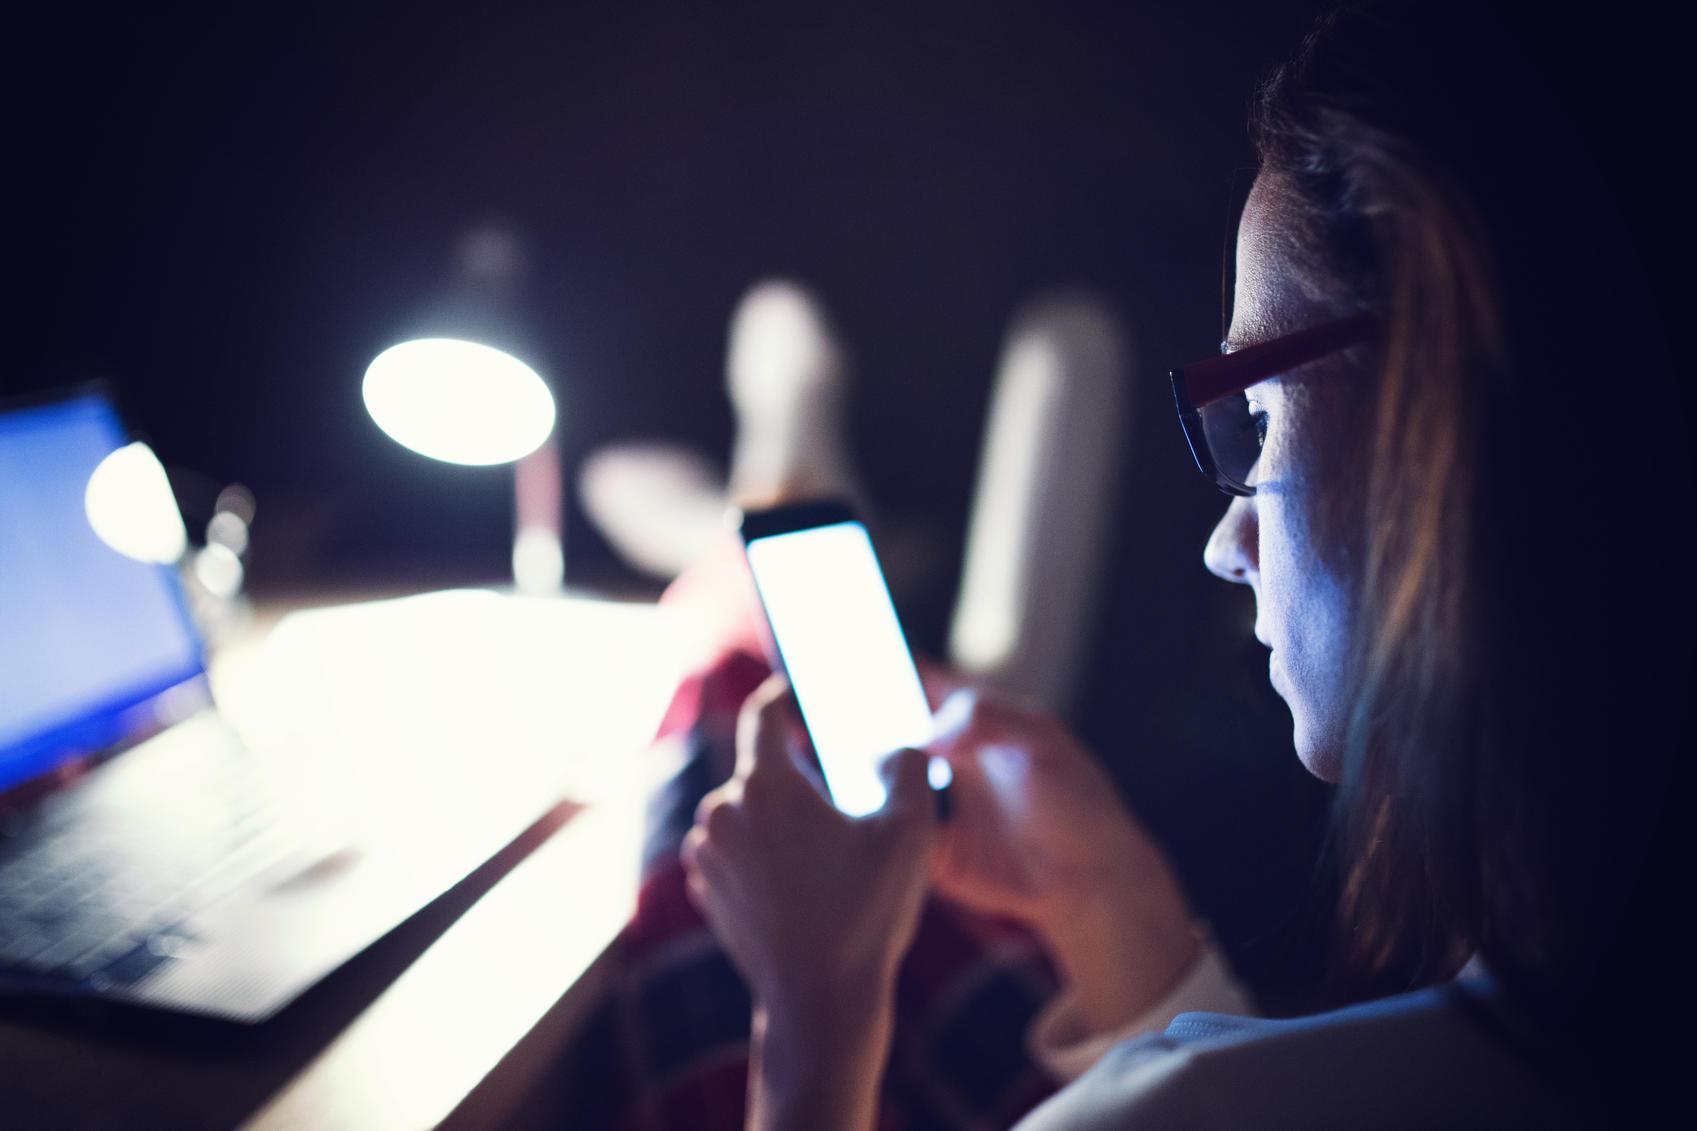 Woman texting at night